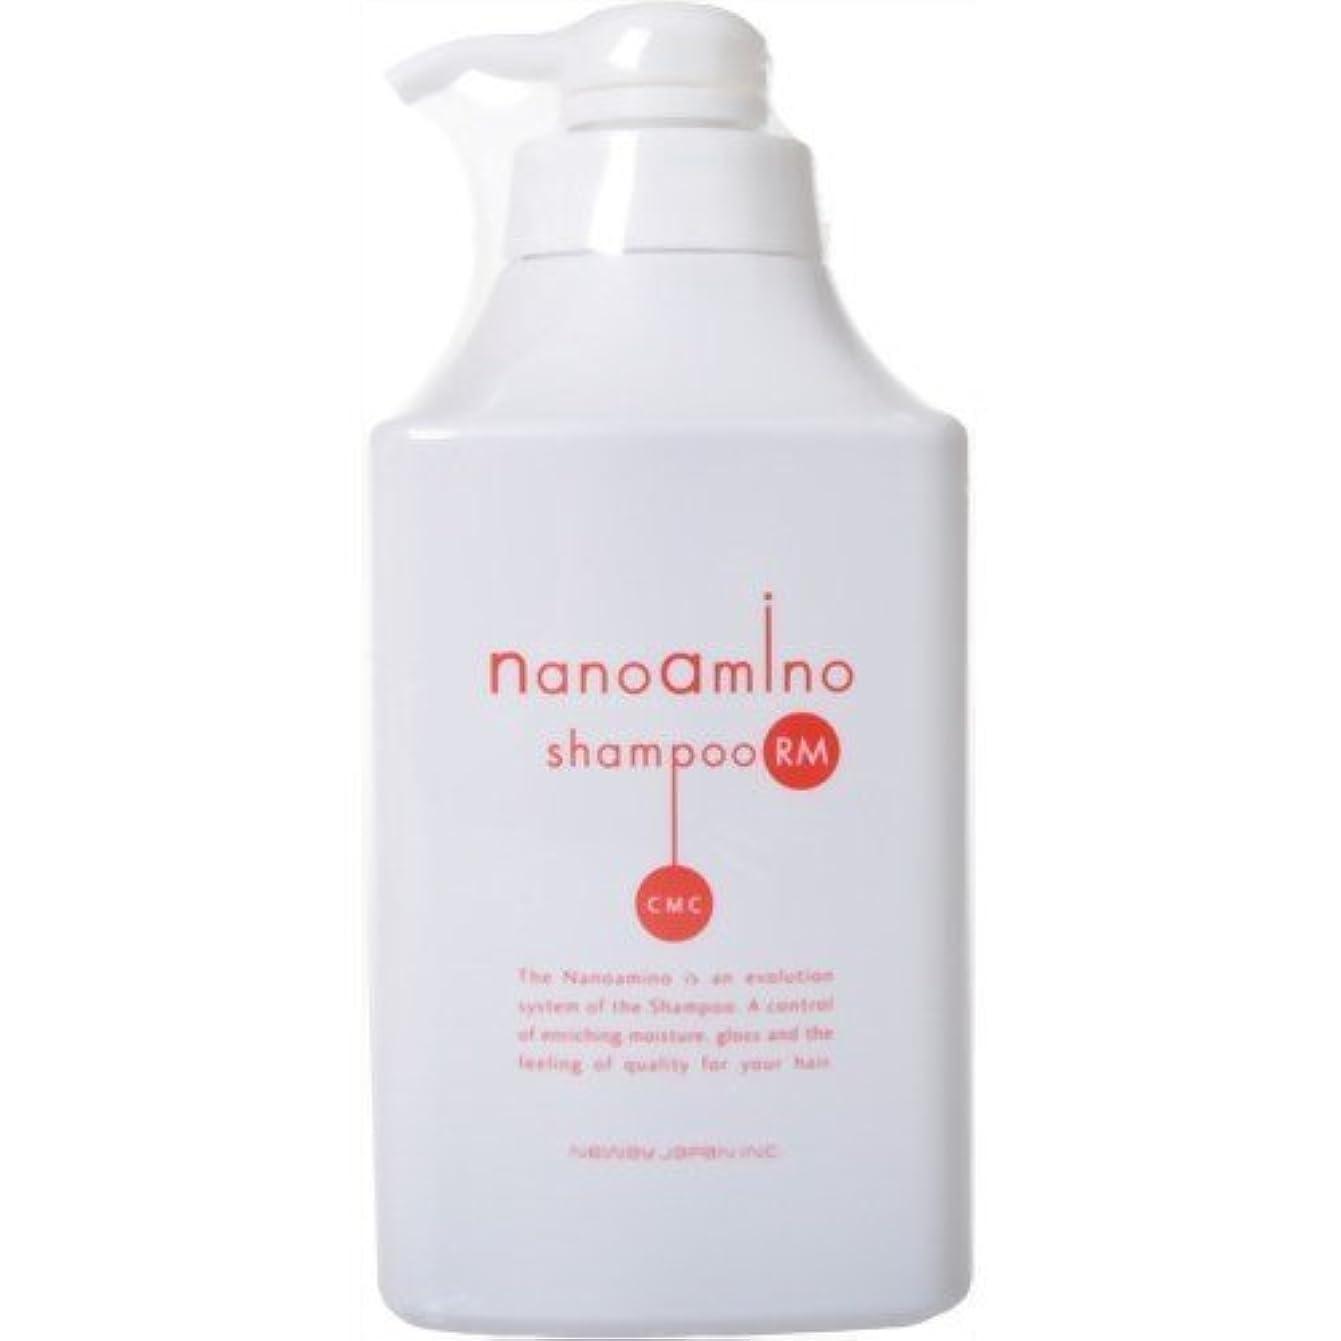 ニューウェイジャパン ナノアミノ シャンプー RM 1000ml